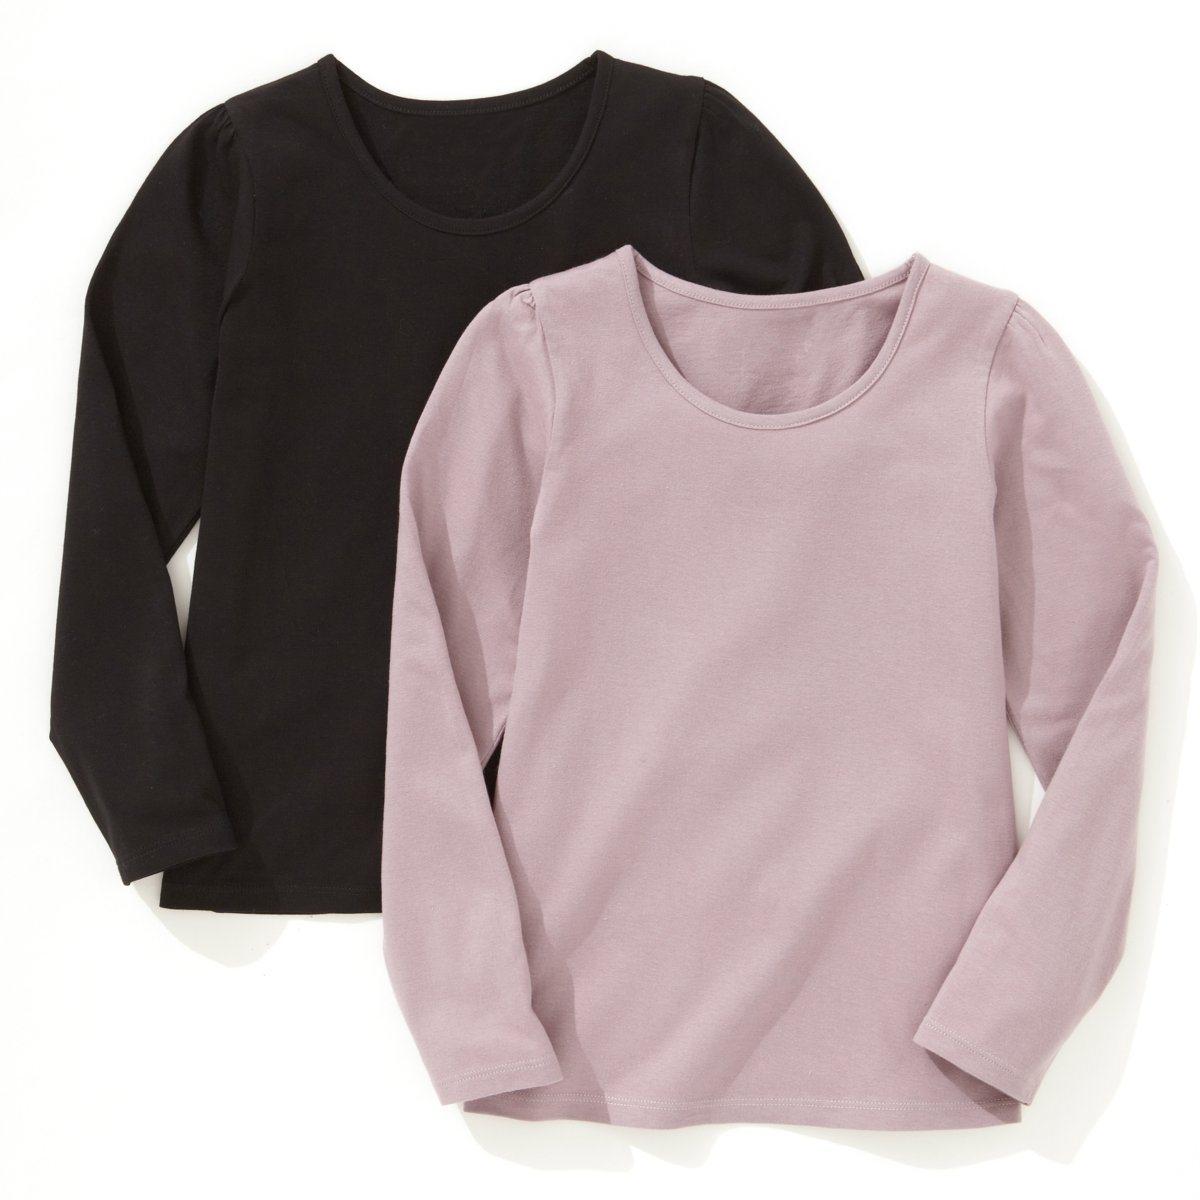 Комплект из 2 футболок с длинными рукавами, 3-12 летДетали •  Длинные рукава •  Круглый вырезСостав и уход •  100% хлопок •  Стирать при 40° •  Сухая чистка и отбеливание запрещены • Барабанная сушка на слабом режиме       • Средняя температура глажки<br><br>Цвет: белый + ярко-синий,белый/светло-розовый,темно-синий  + розовый,черный + серо-сиреневый<br>Размер: 8 лет - 126 см.12 лет -150 см.10 лет - 138 см.4 года - 102 см.6 лет - 114 см.3 года - 94 см.5 лет - 108 см.8 лет - 126 см.12 лет -150 см.10 лет - 138 см.4 года - 102 см.6 лет - 114 см.3 года - 94 см.5 лет - 108 см.8 лет - 126 см.12 лет -150 см.10 лет - 138 см.4 года - 102 см.6 лет - 114 см.8 лет - 126 см.12 лет -150 см.10 лет - 138 см.4 года - 102 см.6 лет - 114 см.3 года - 94 см.5 лет - 108 см